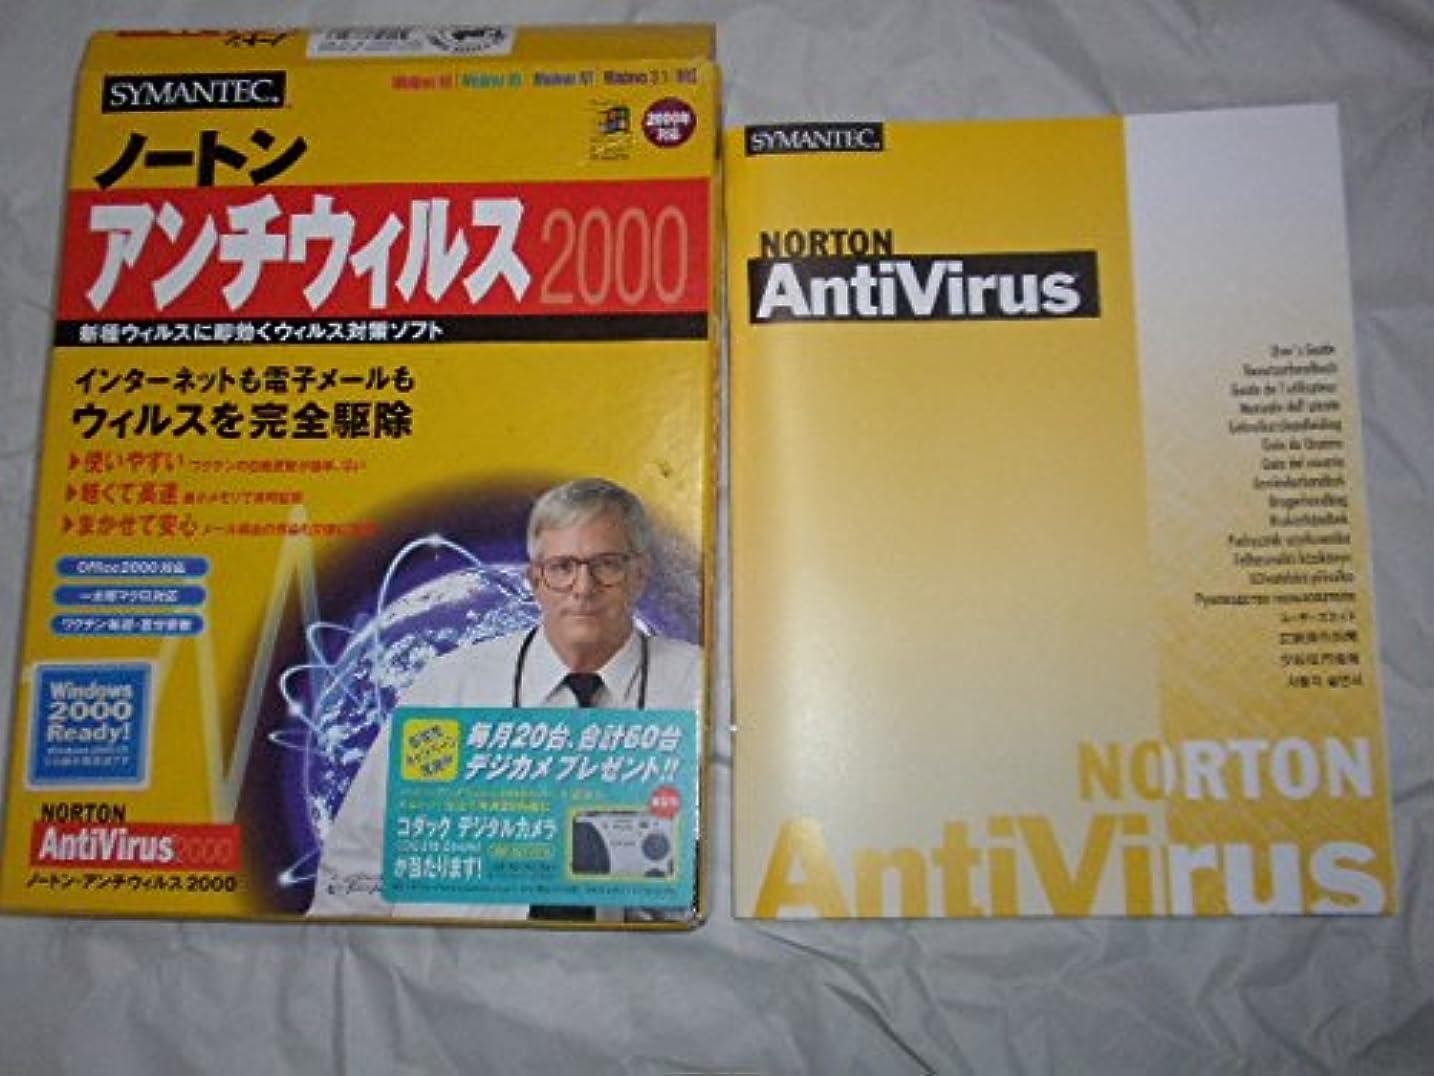 前述の厳密に侵入するノートン アンチウィルス 2000 シマンテック